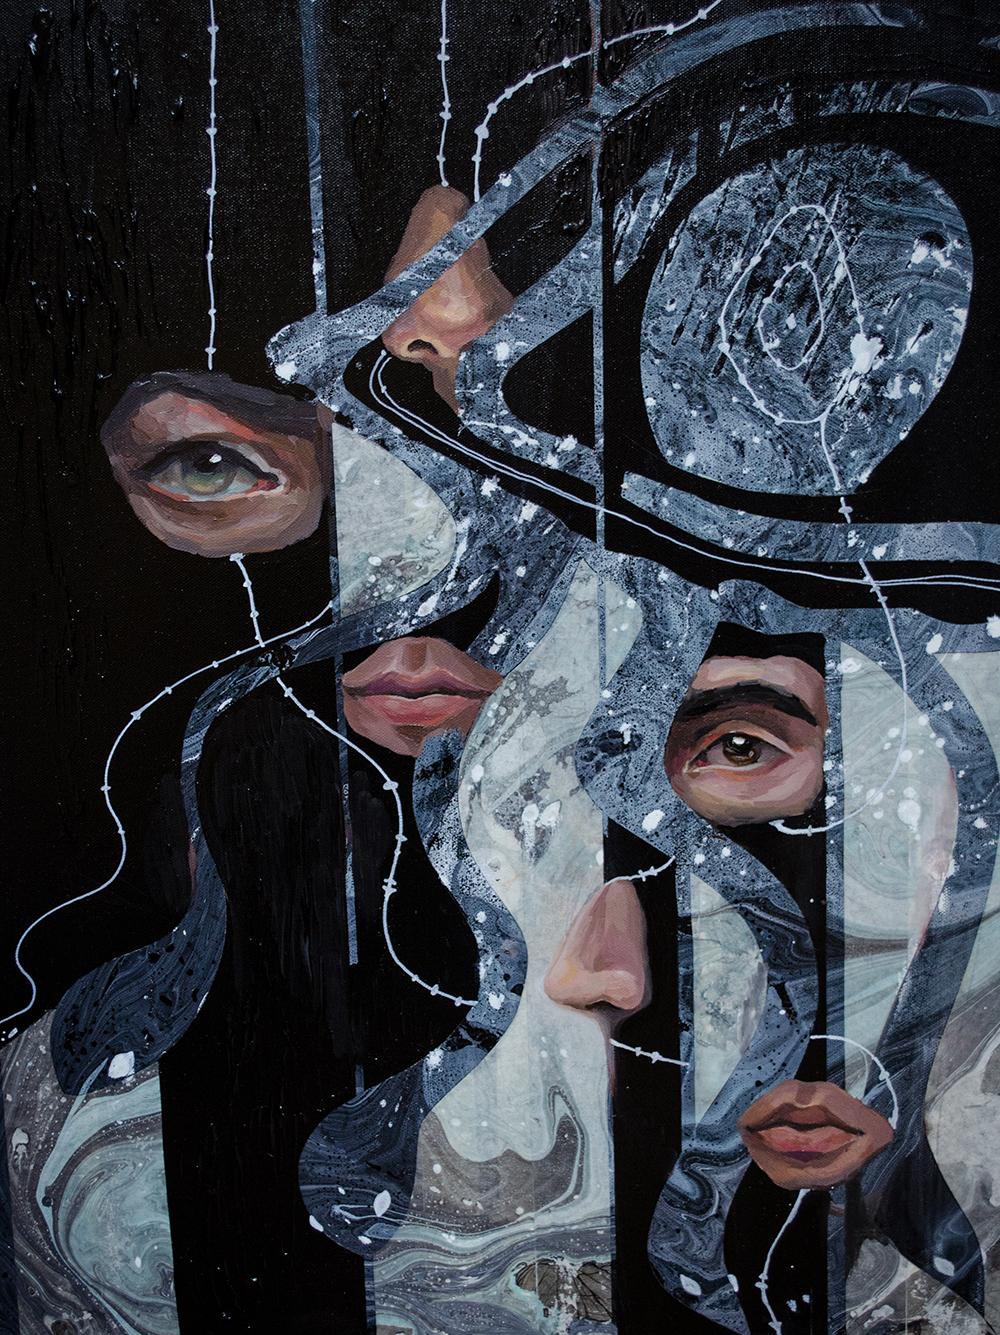 Kate_Goltseva_Nocturnal_limbo_oil_on_canvas_18x24__$1400.jpg